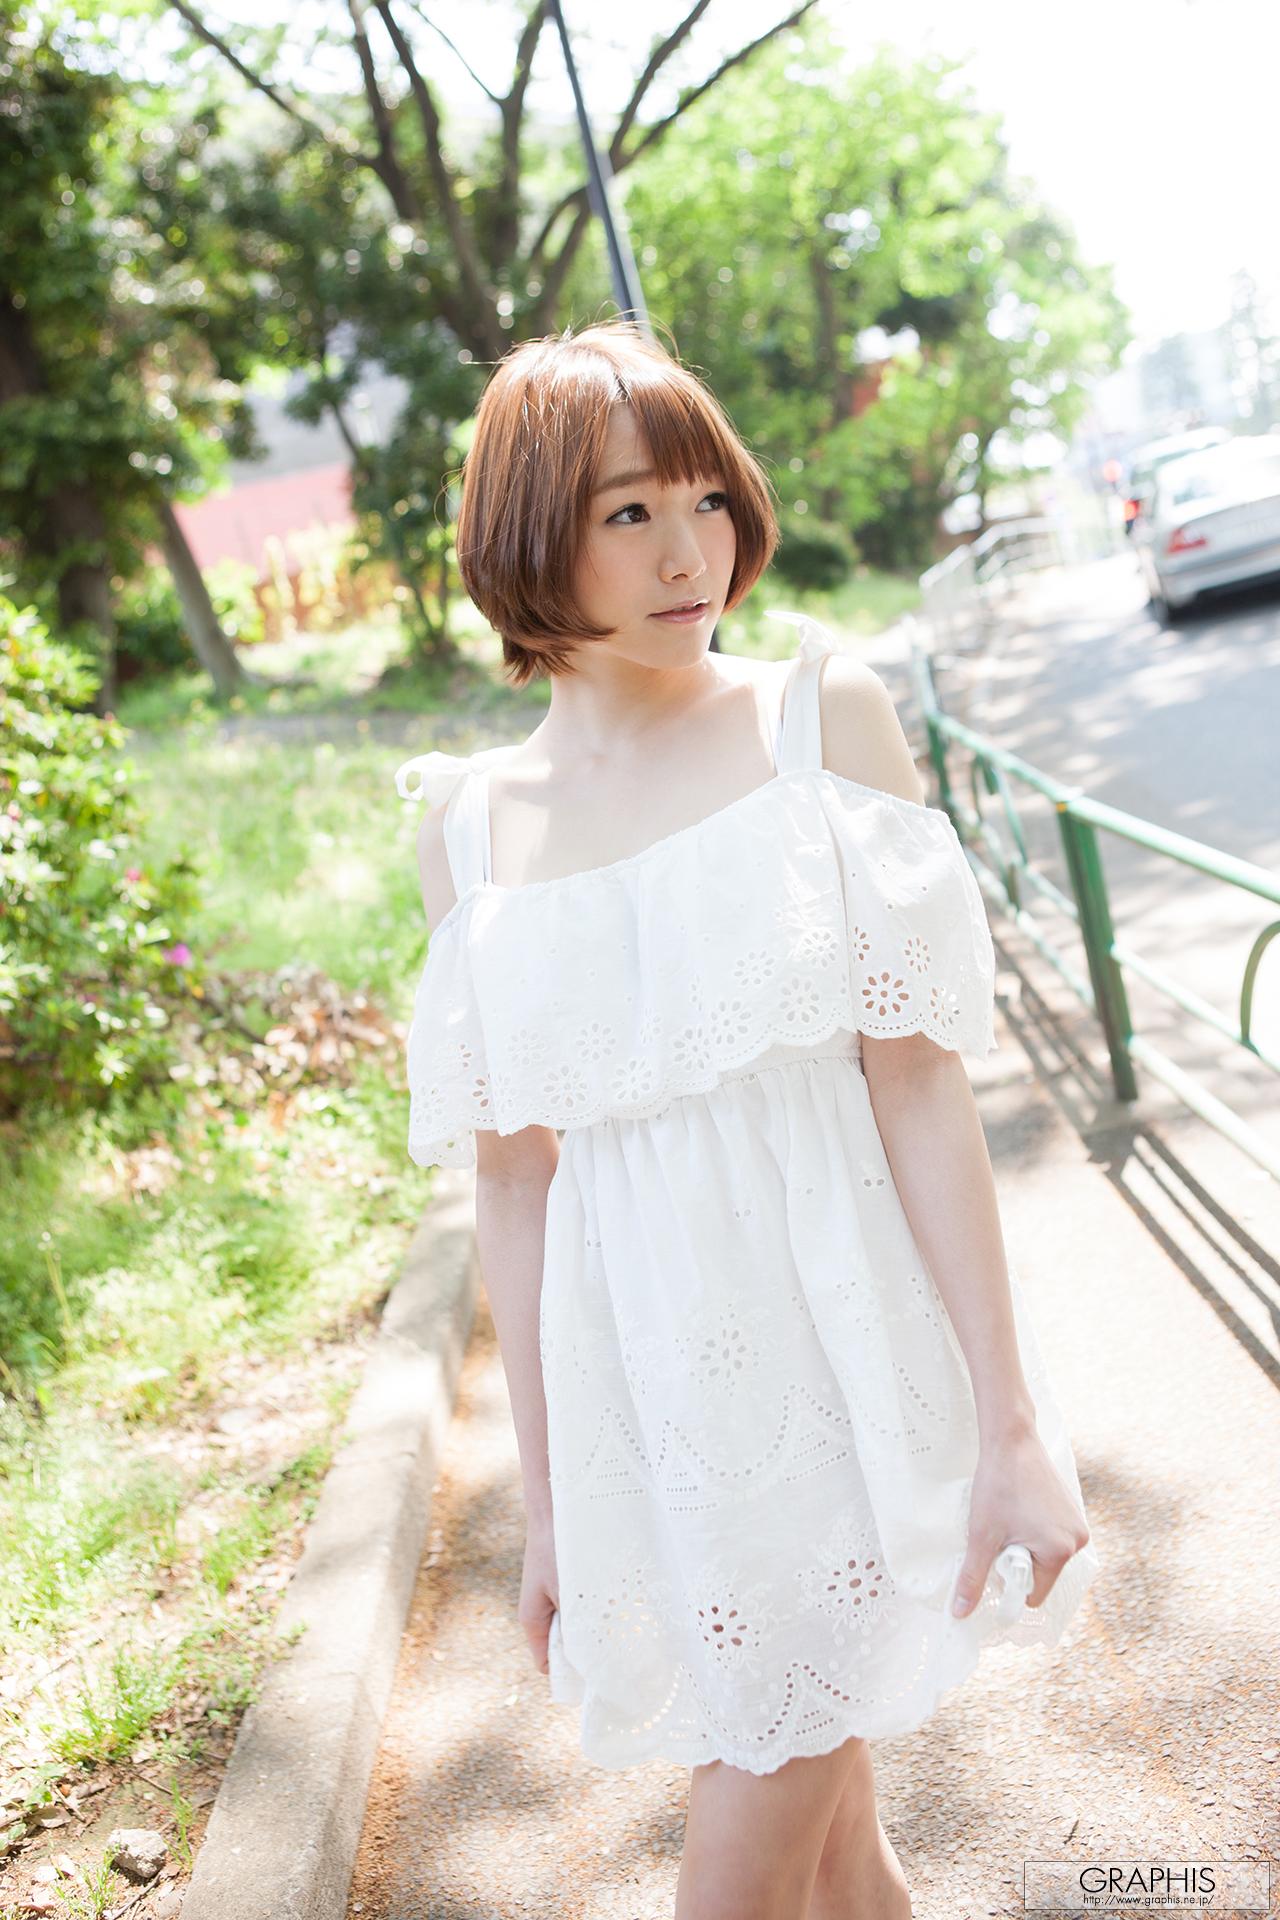 No Way! : Ayane Suzukawa-14.05.30-FG